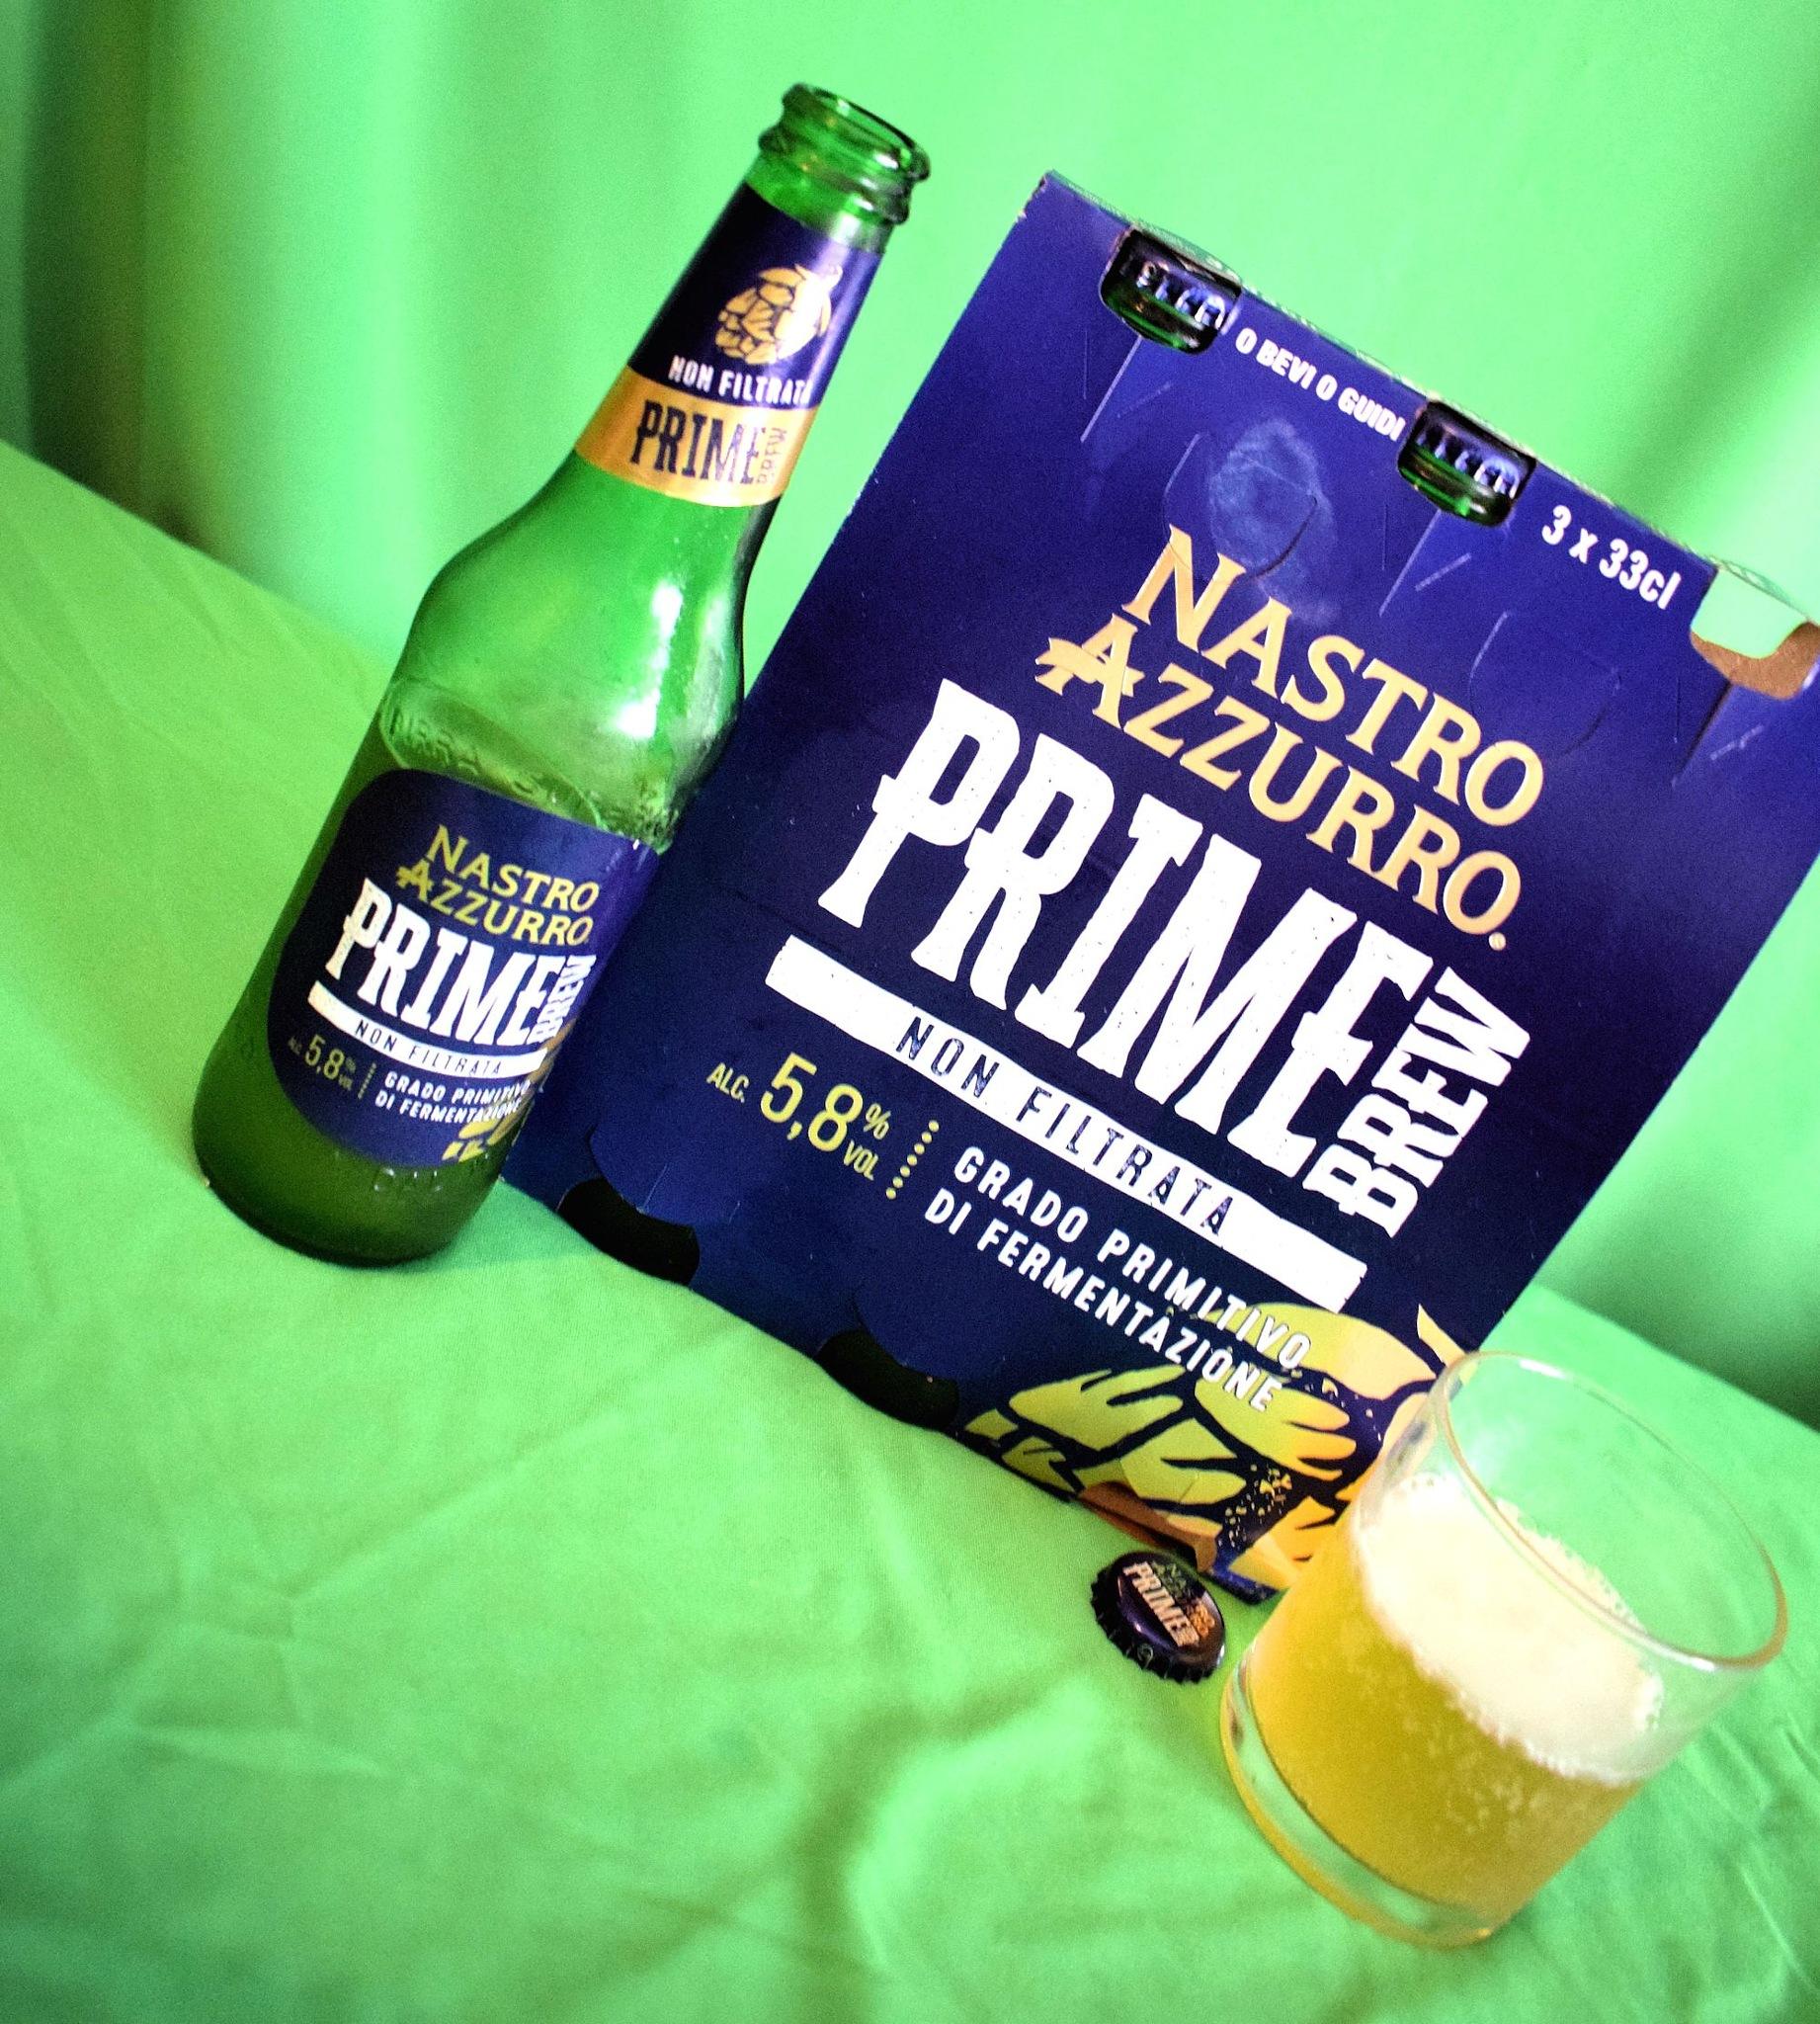 Italian Beer - Birra Peroni Nastro Azzurro Prime Brew Non Filtrata - 5,8°   by Arnaldo De Lisio